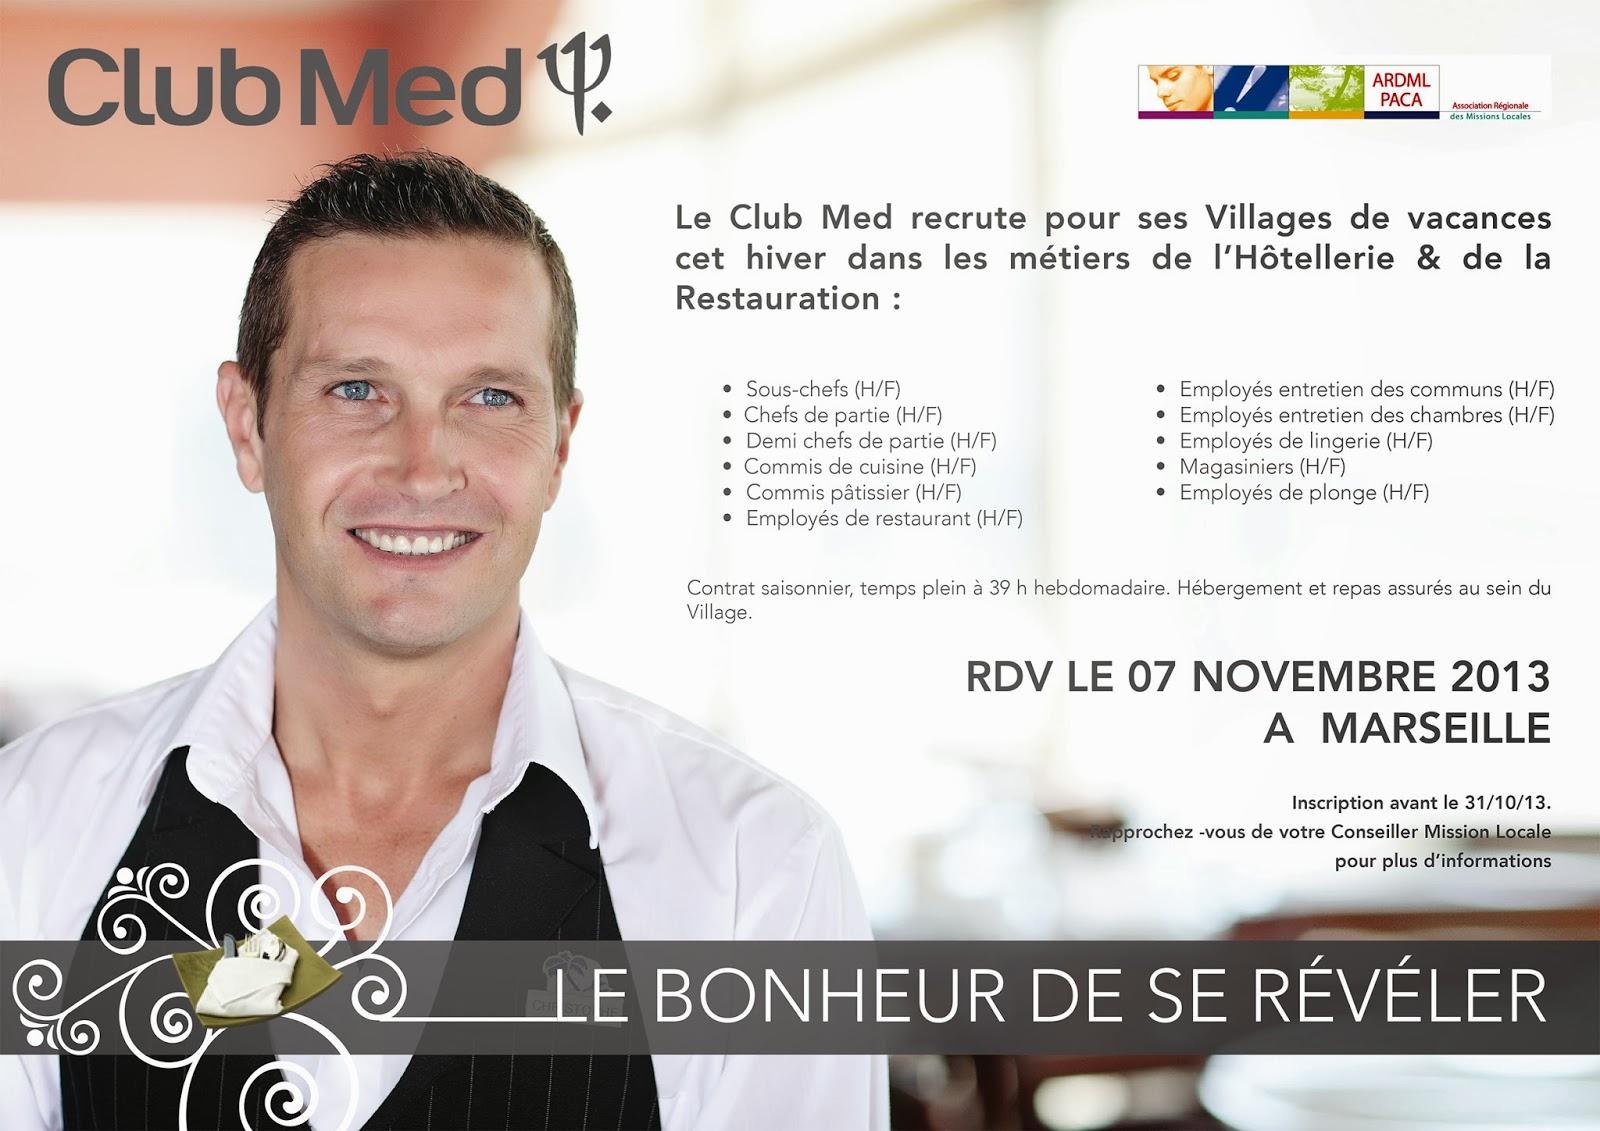 Mission locale de la seyne sur mer le club med recrute - Offre d emploi commis de cuisine paris ...